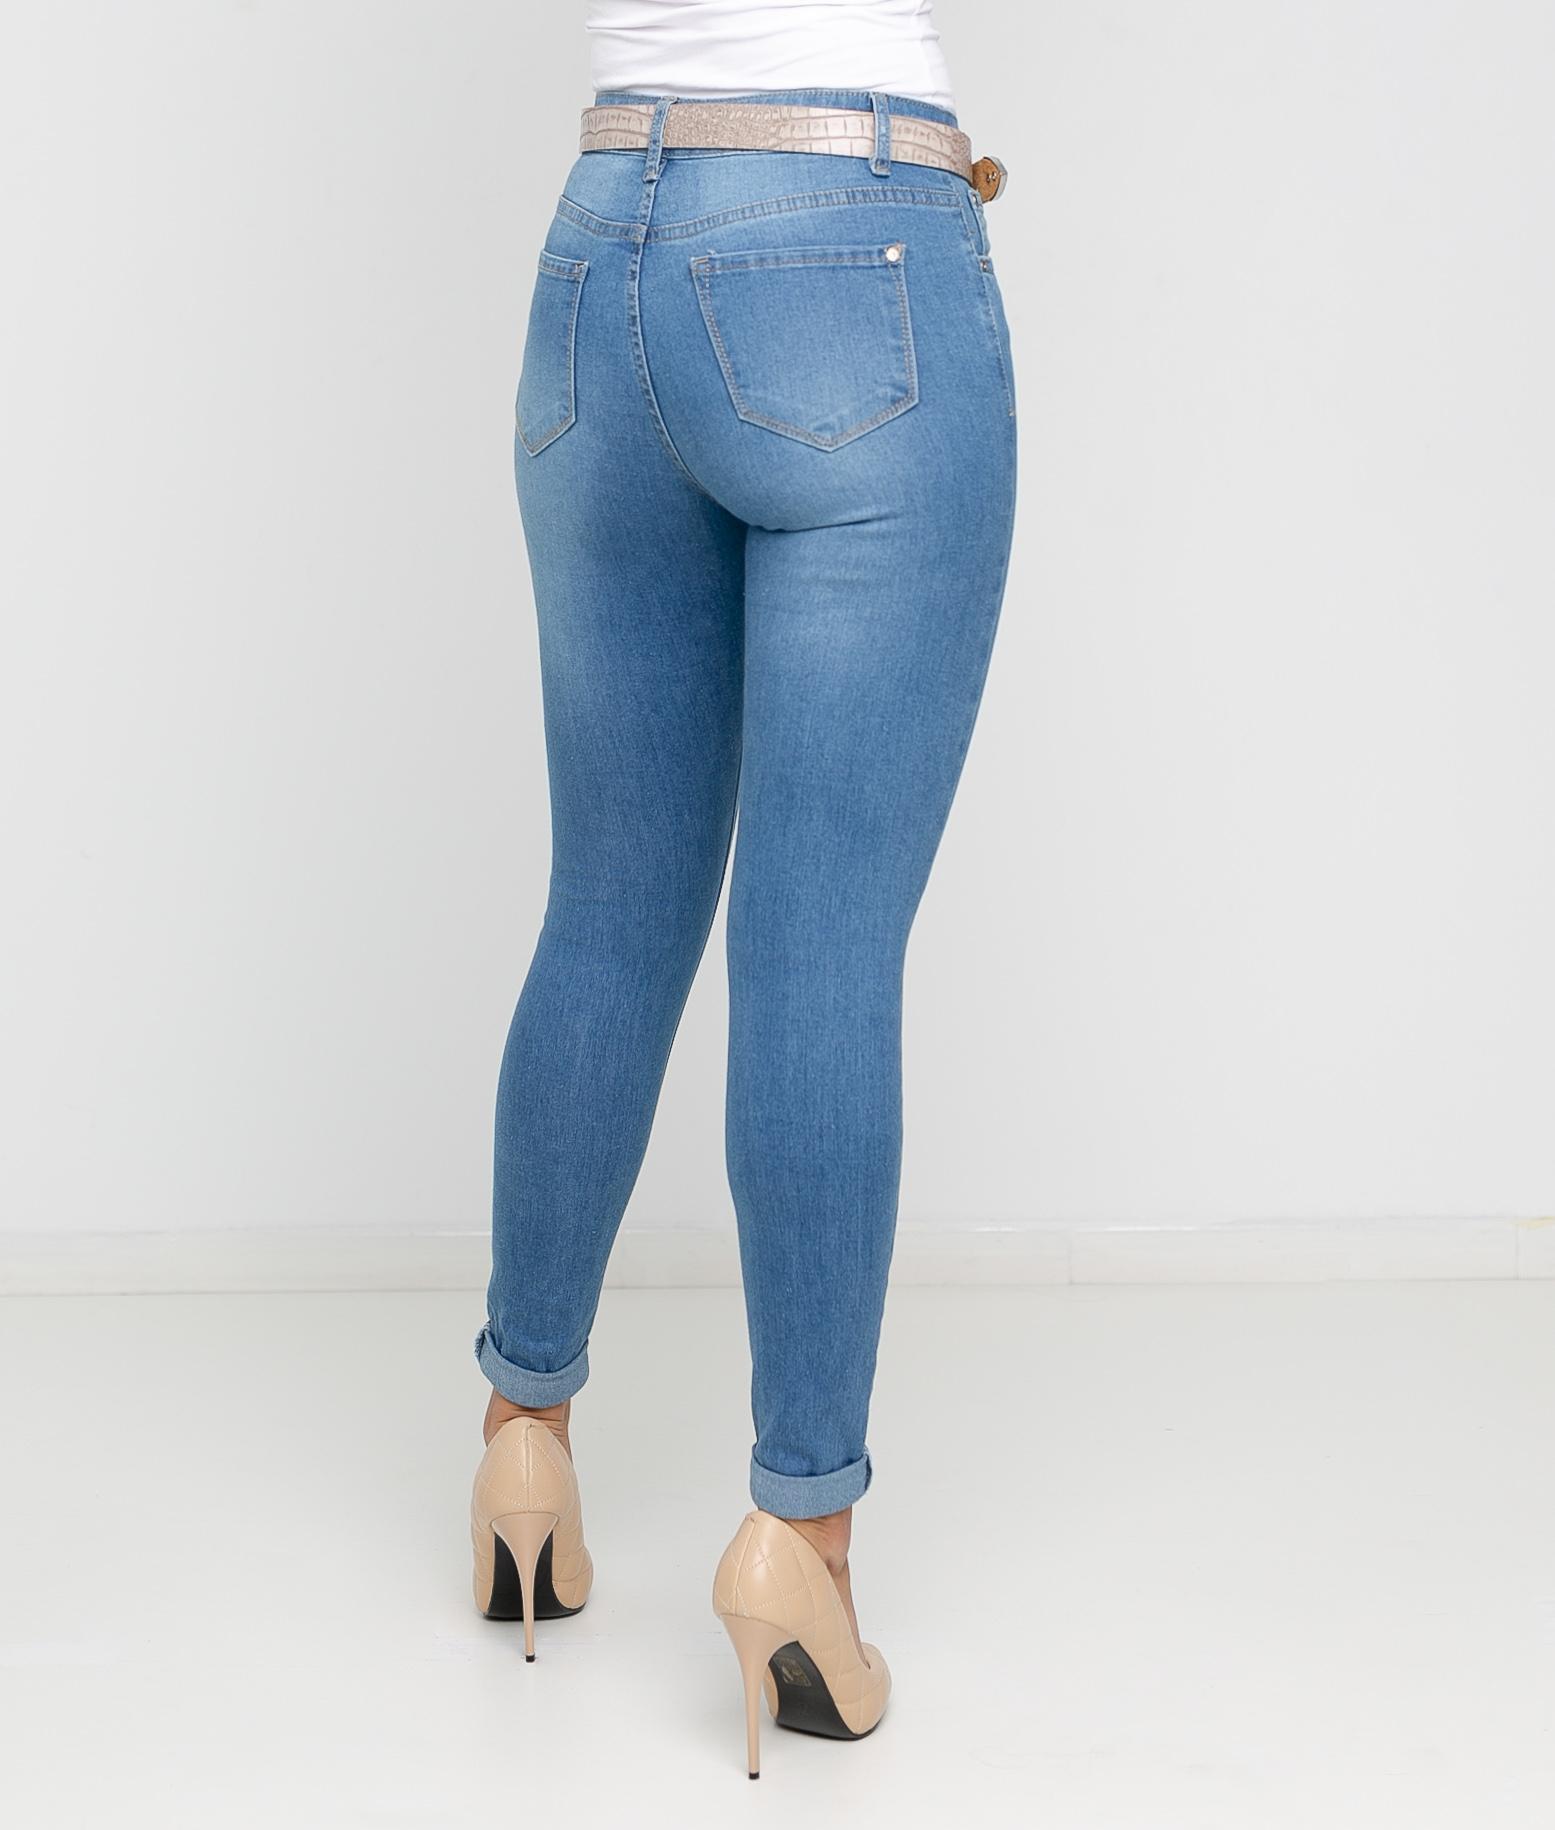 Pantaloni Jerica - Denim